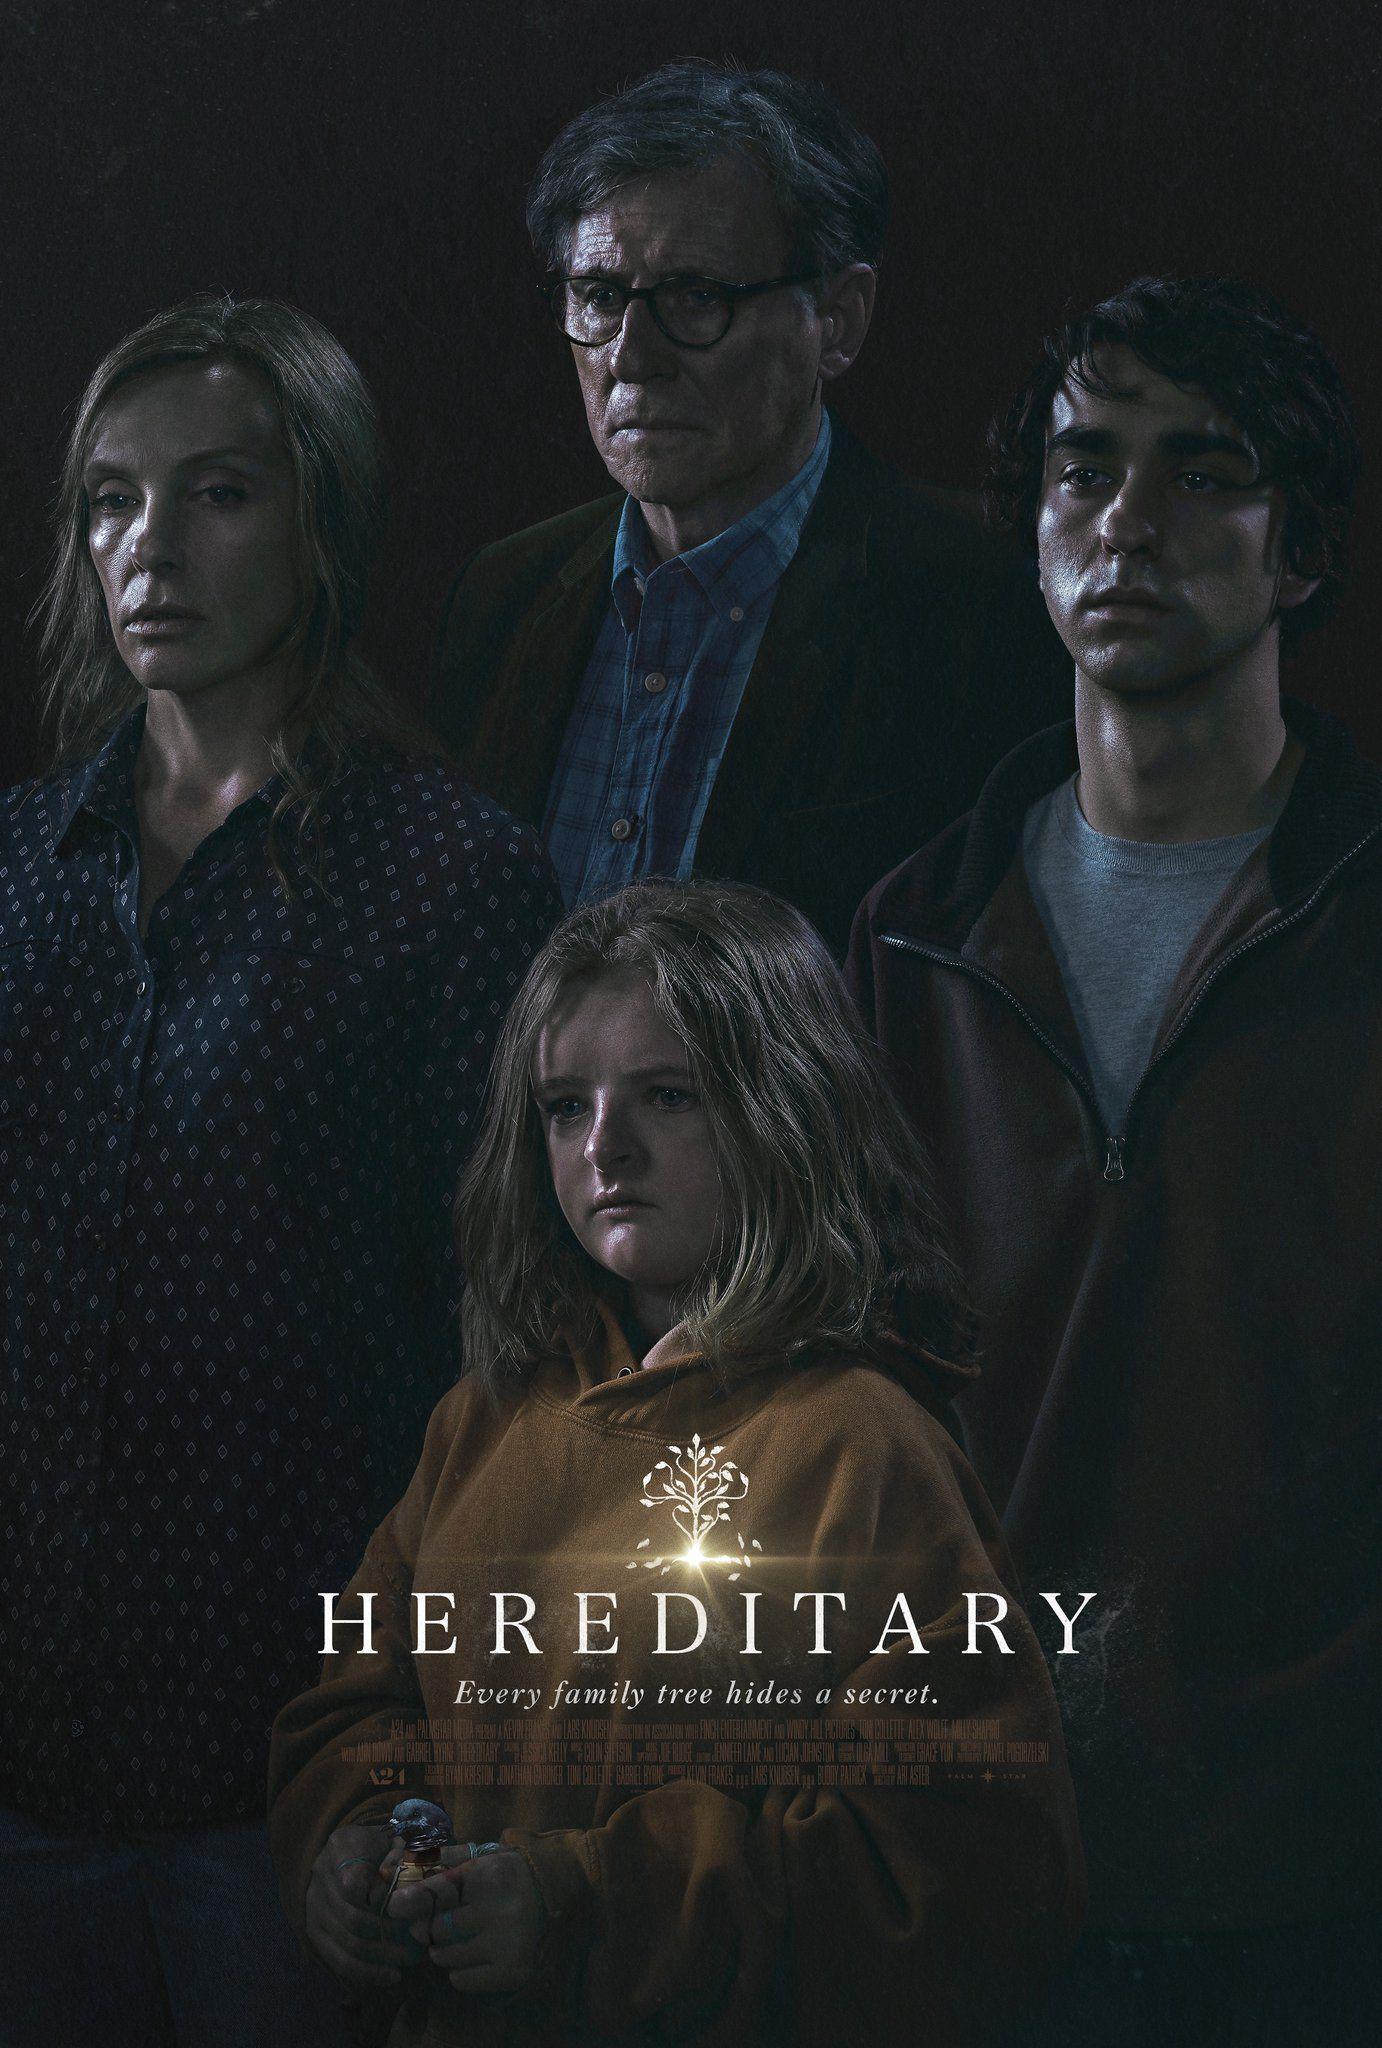 Cine fantástico, terror, ciencia-ficción... recomendaciones, noticias, etc - Página 6 Hereditary-poster-3